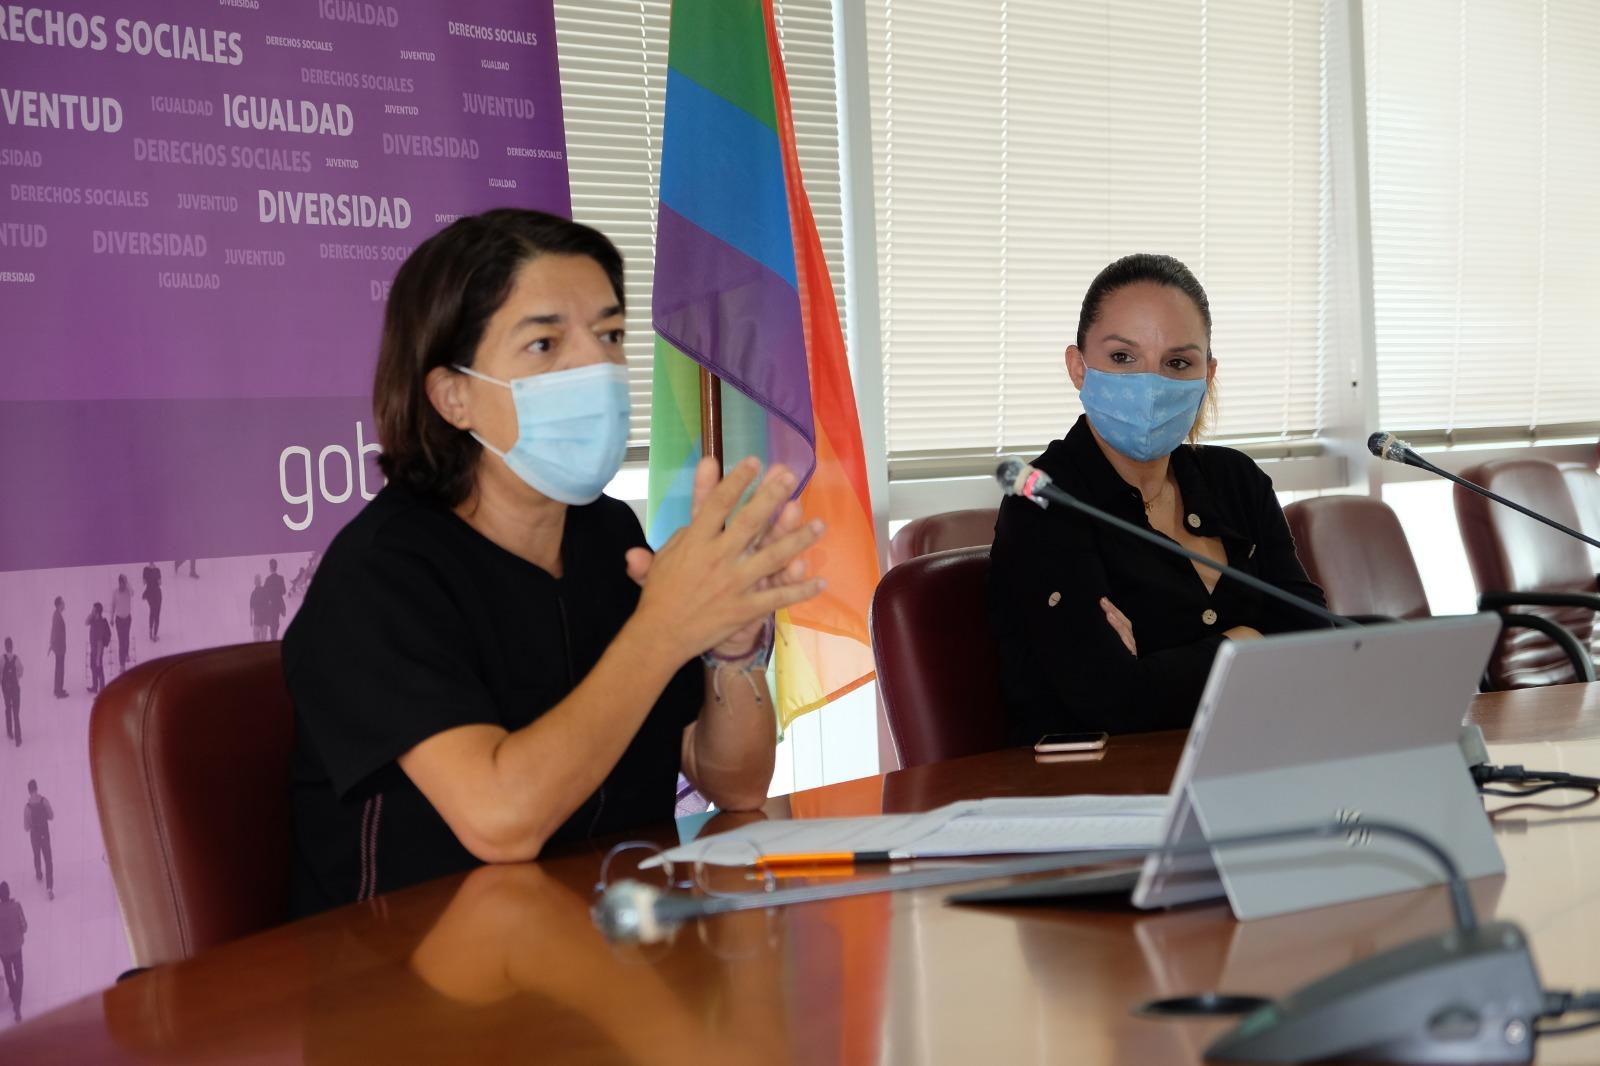 Canarias recompensará económicamente a las personas LGTBI en exclusión discriminadas durante el franquismo